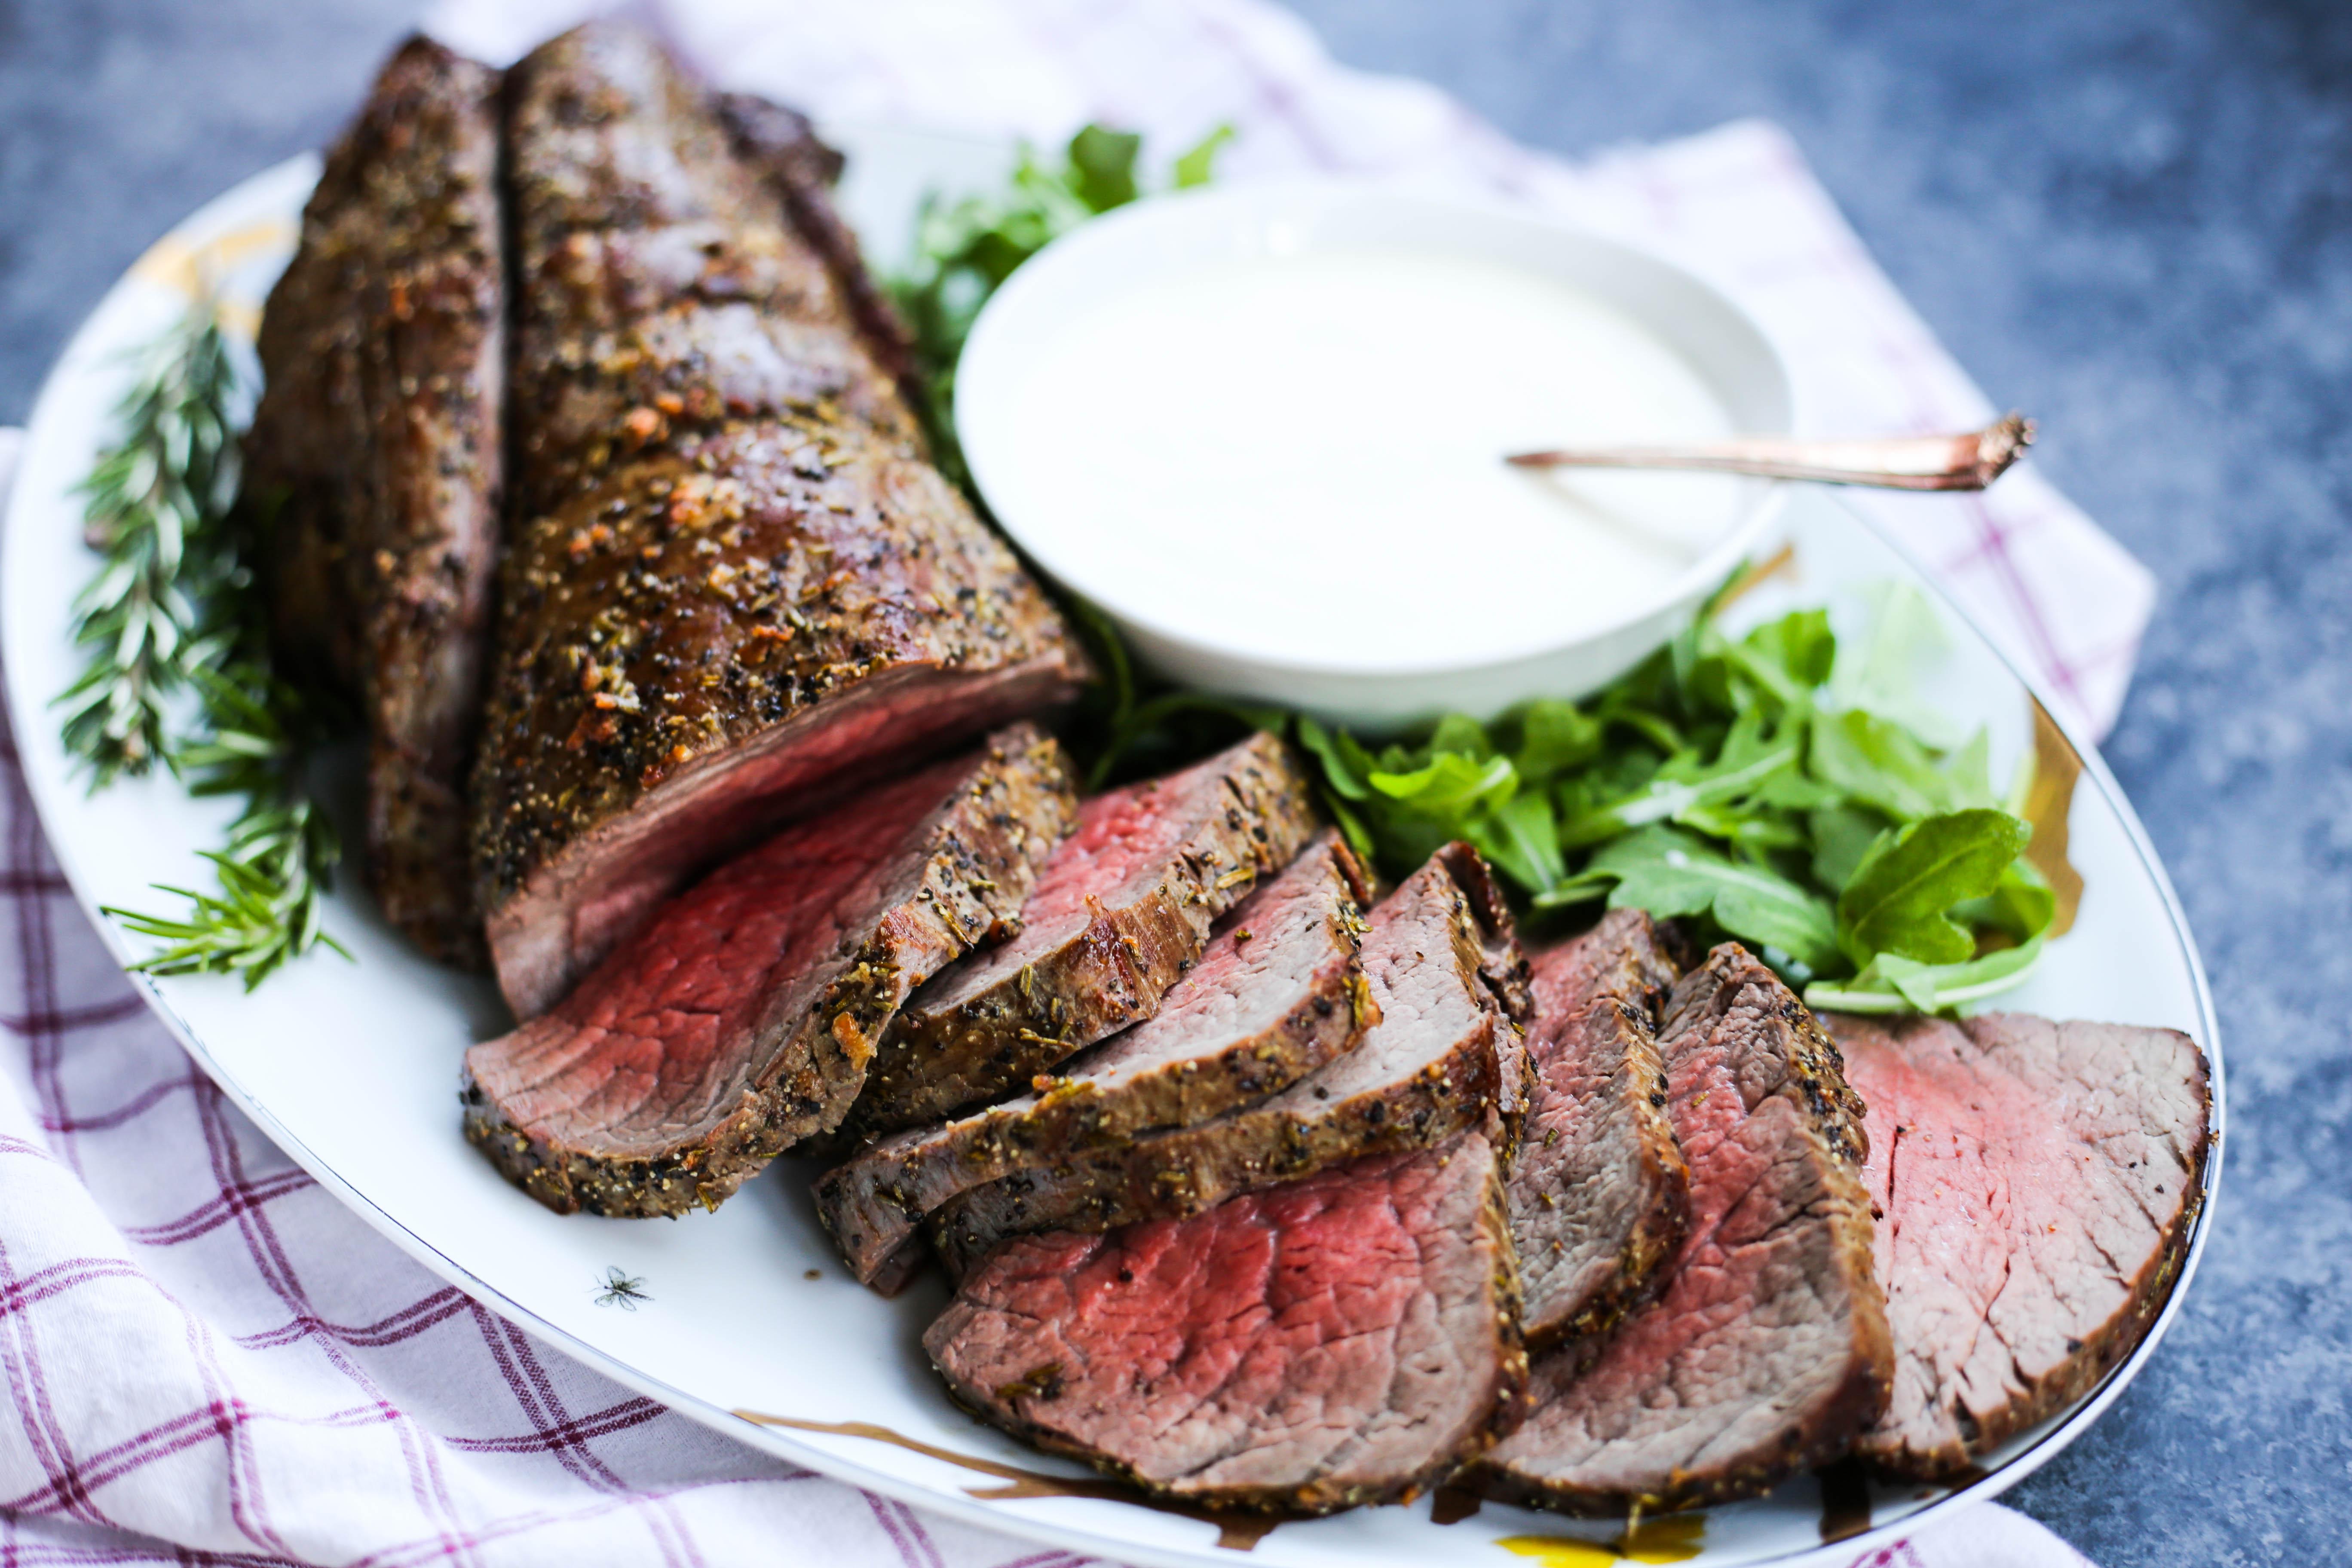 How to oven roast beef tenderloin